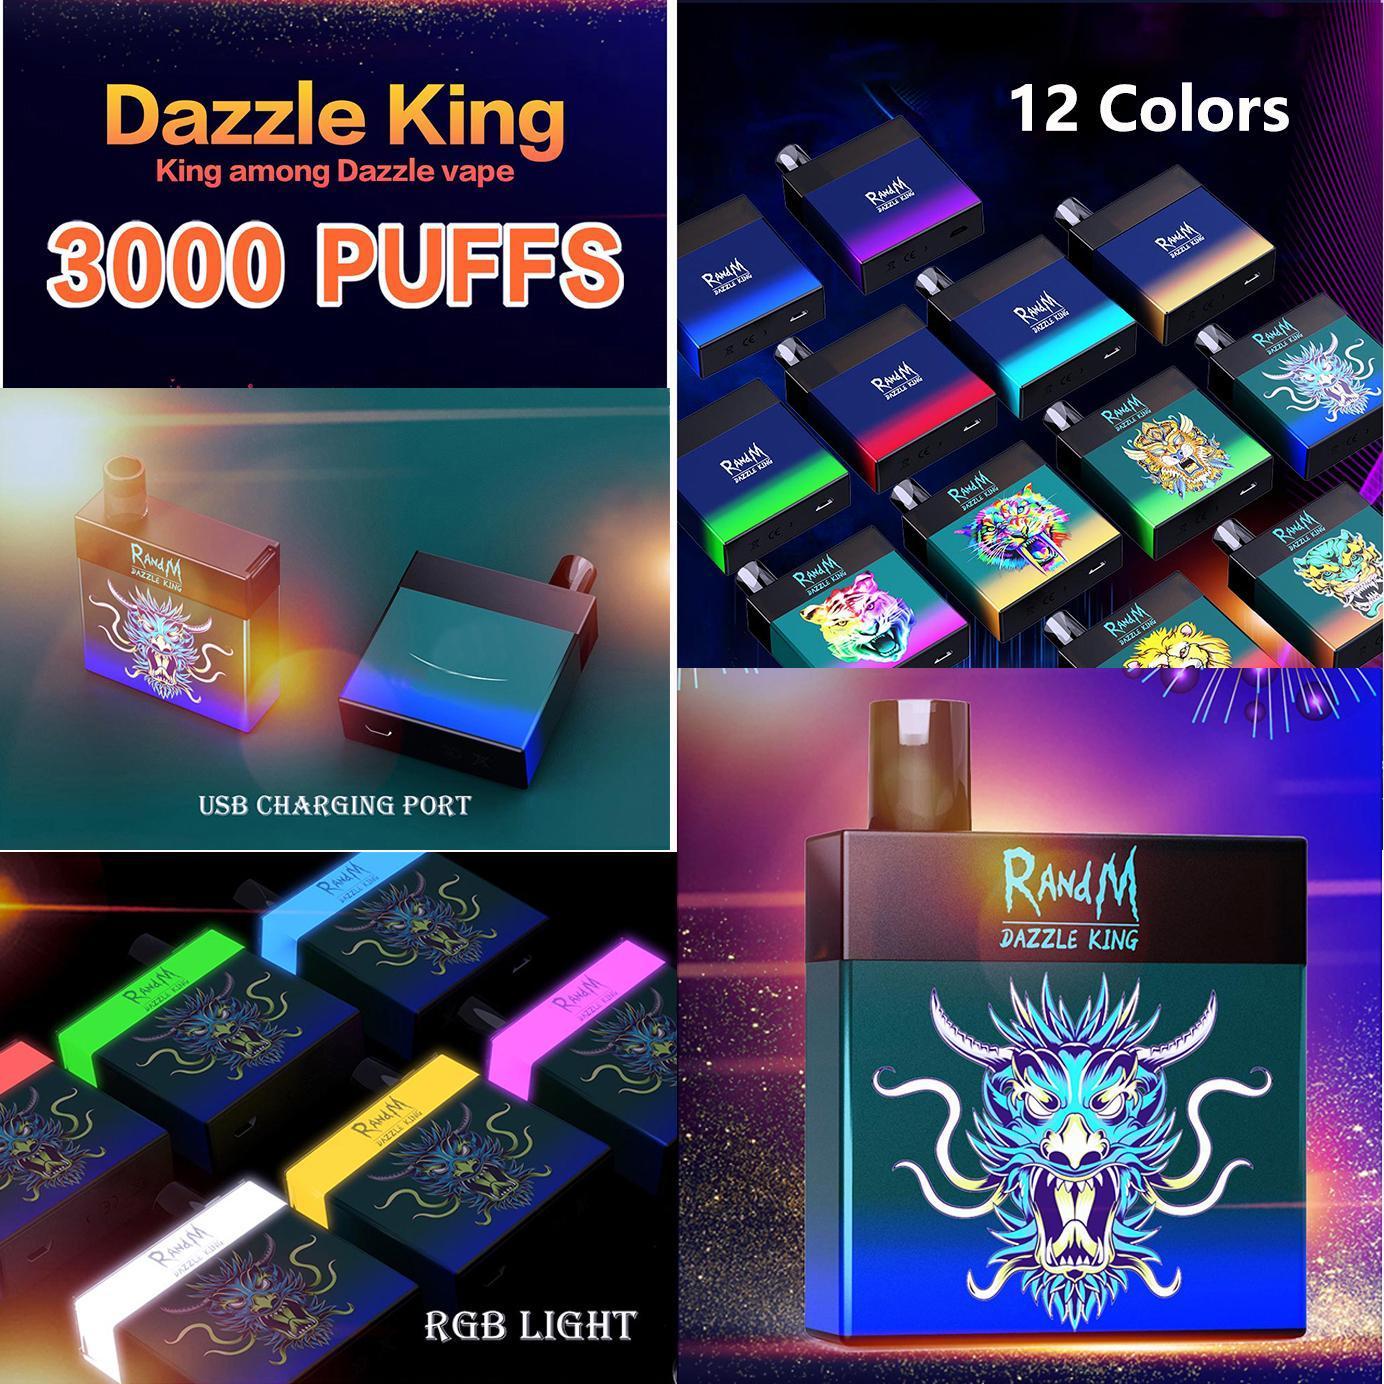 Original Randm Dazzle King 3000 Puffs Einweg-Gerät Kit 1100mAh Batterie Vorgefestigt 8ml Pods Vape Stick Pen Bunte LGB LED-Licht 12 Farben bar plus 100% authentisch